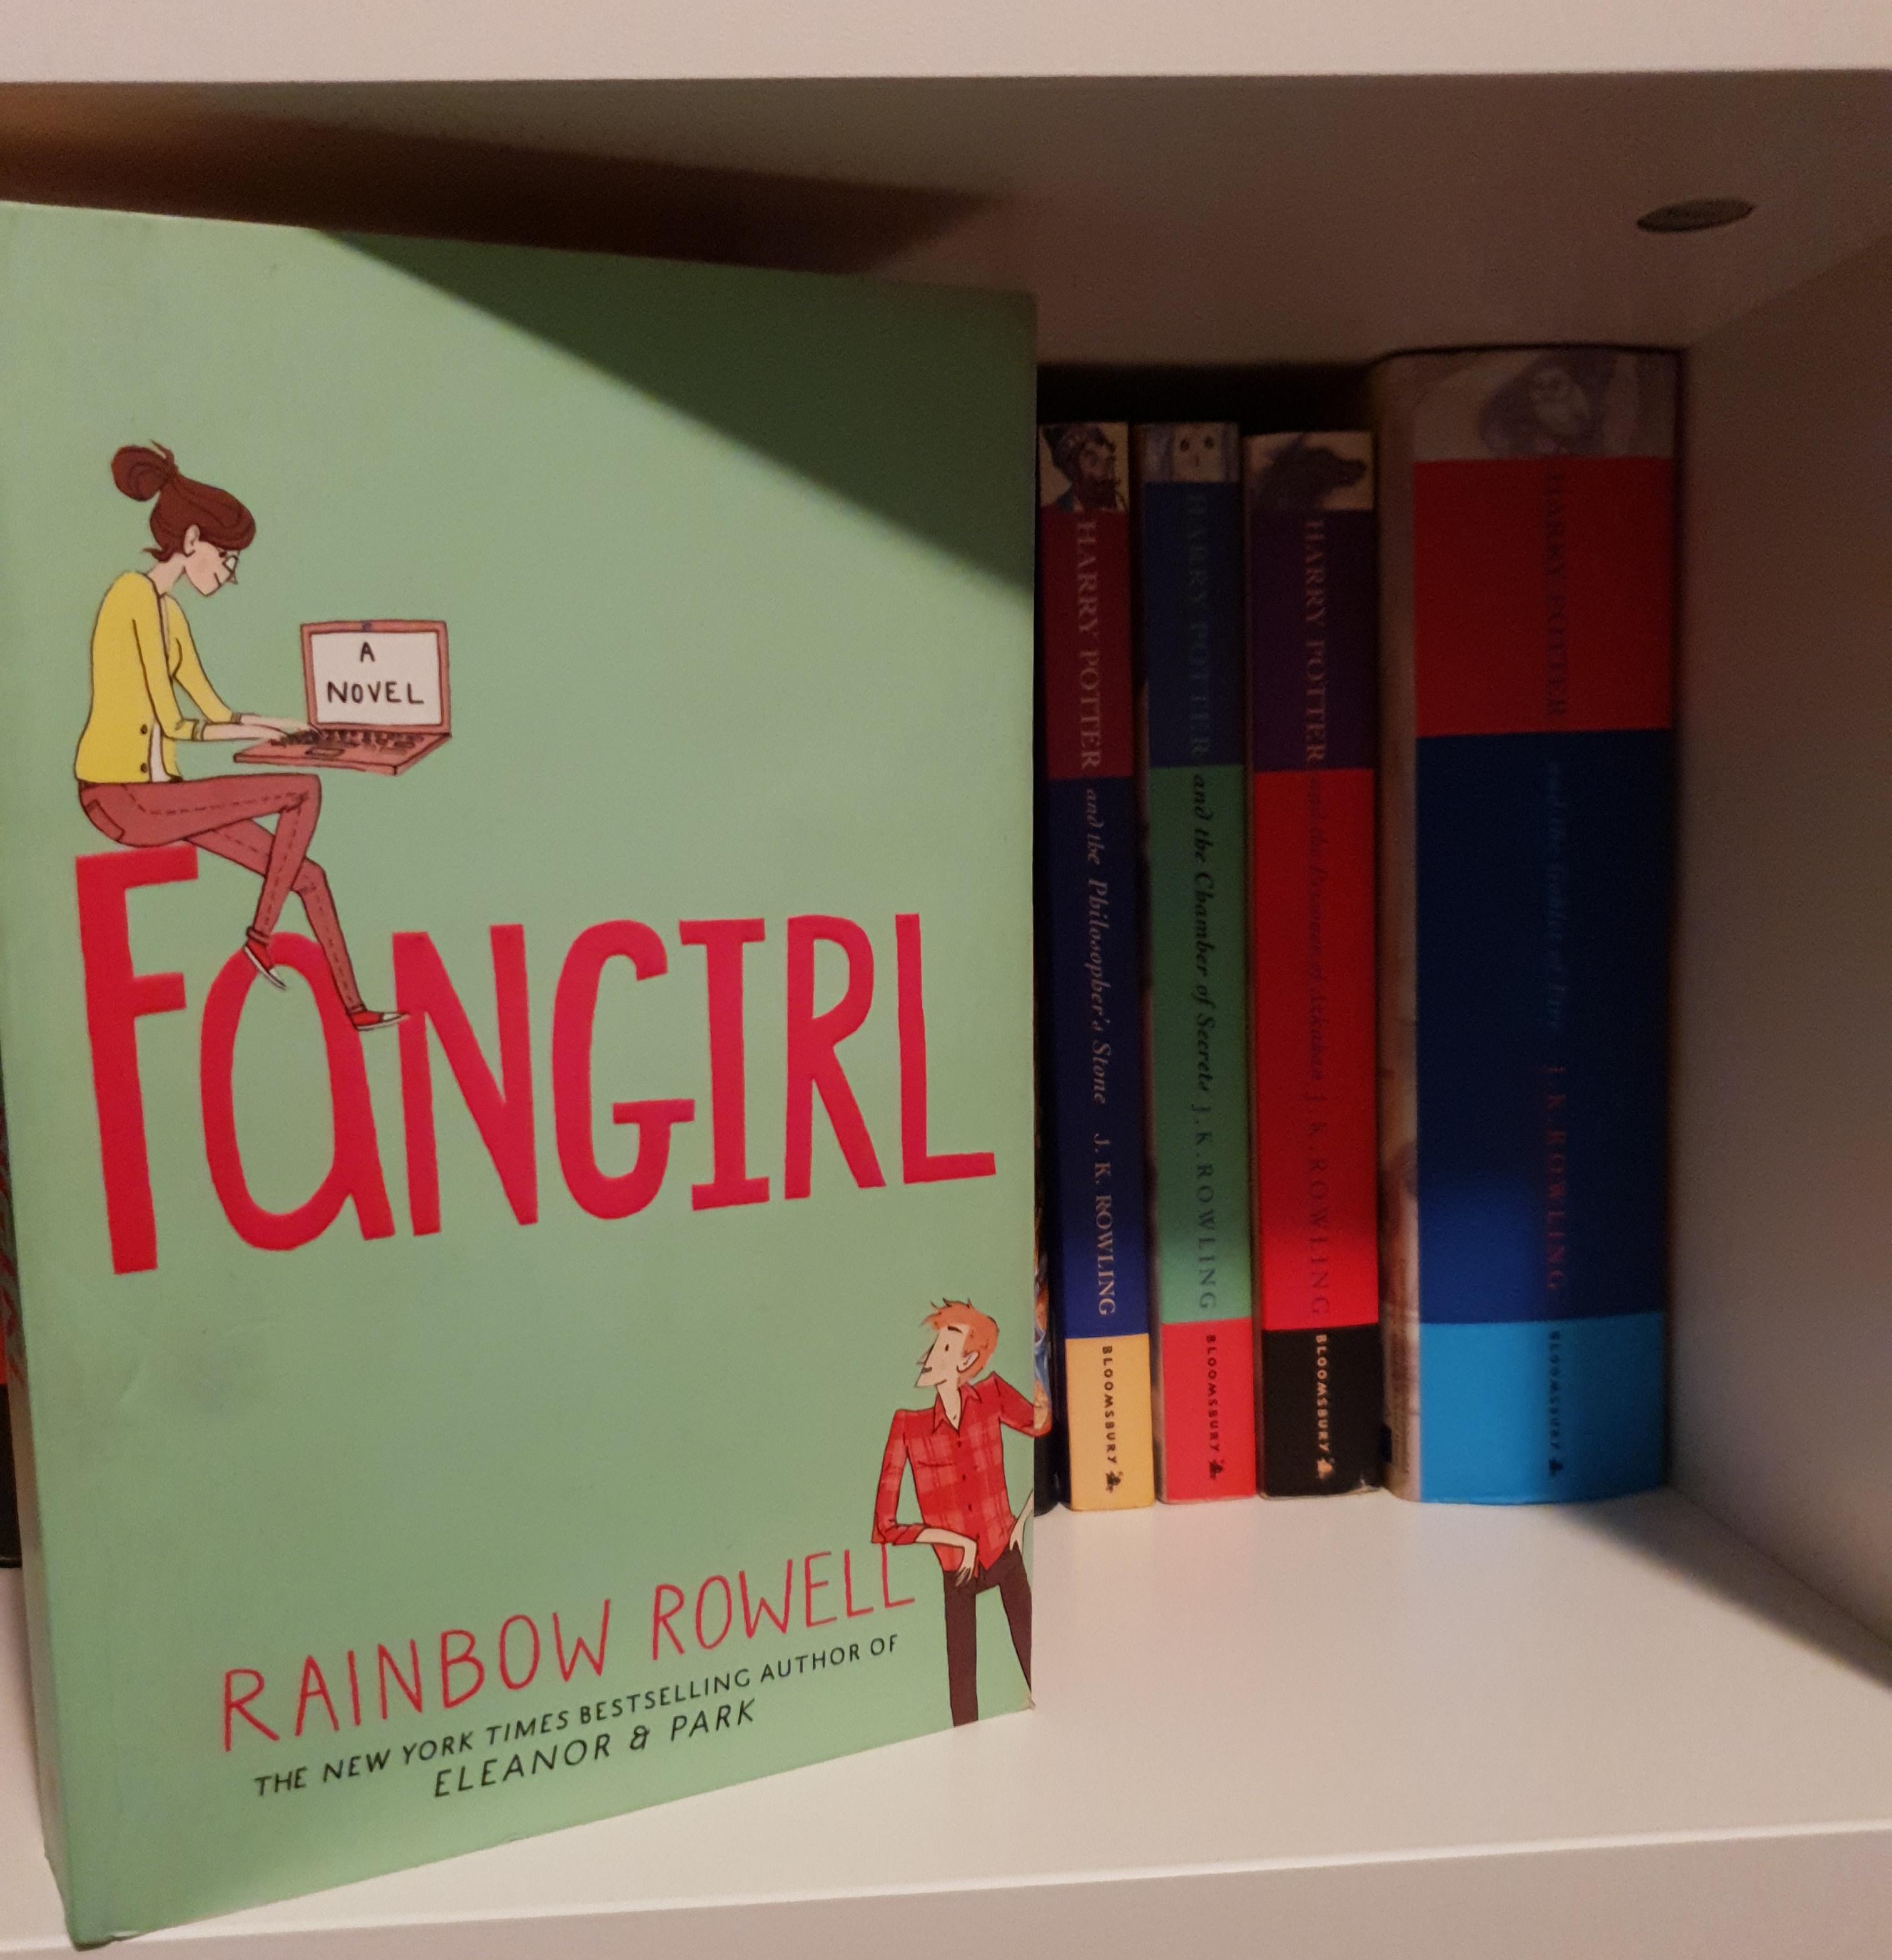 fan-girl-rainbow-rowell.jpg